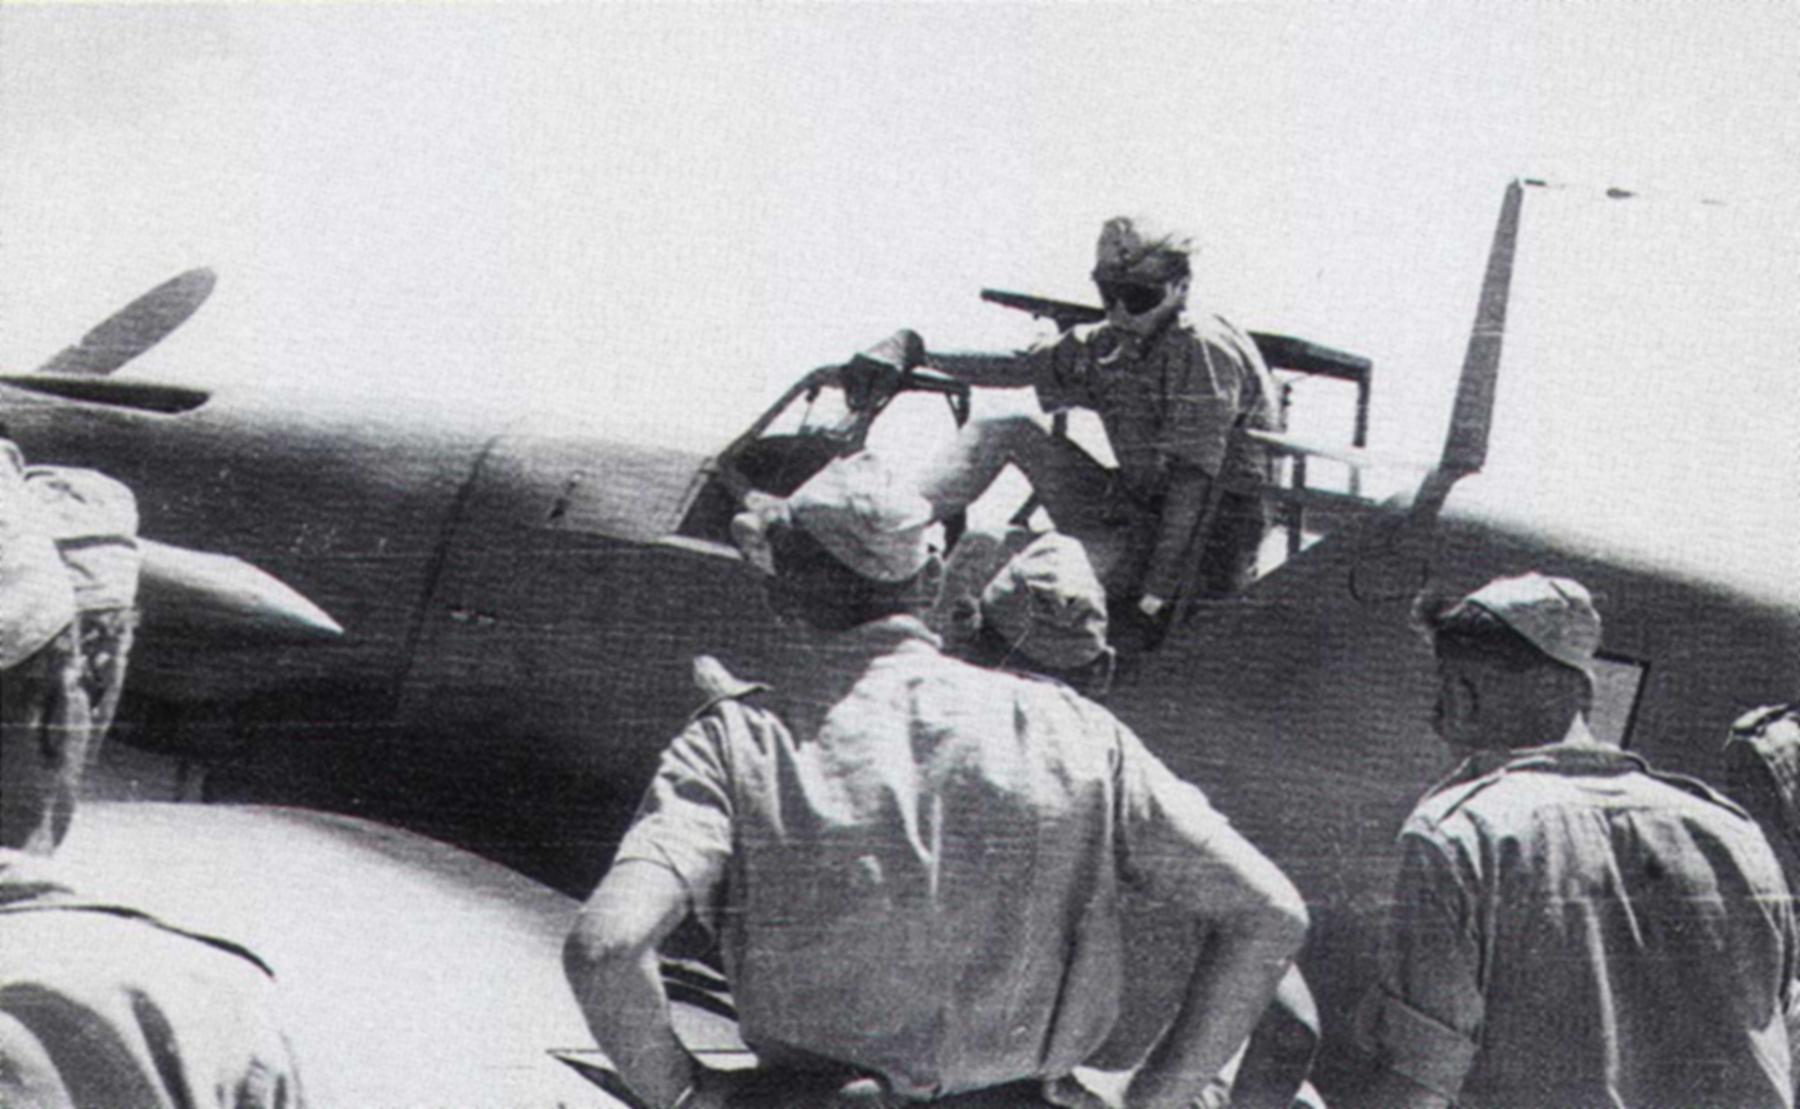 Messerschmitt Bf 109F4Trop 3.JG27 Yellow 14 Hans Joachim Marseille WNr 8673 Africa 15th Sep 1942 01